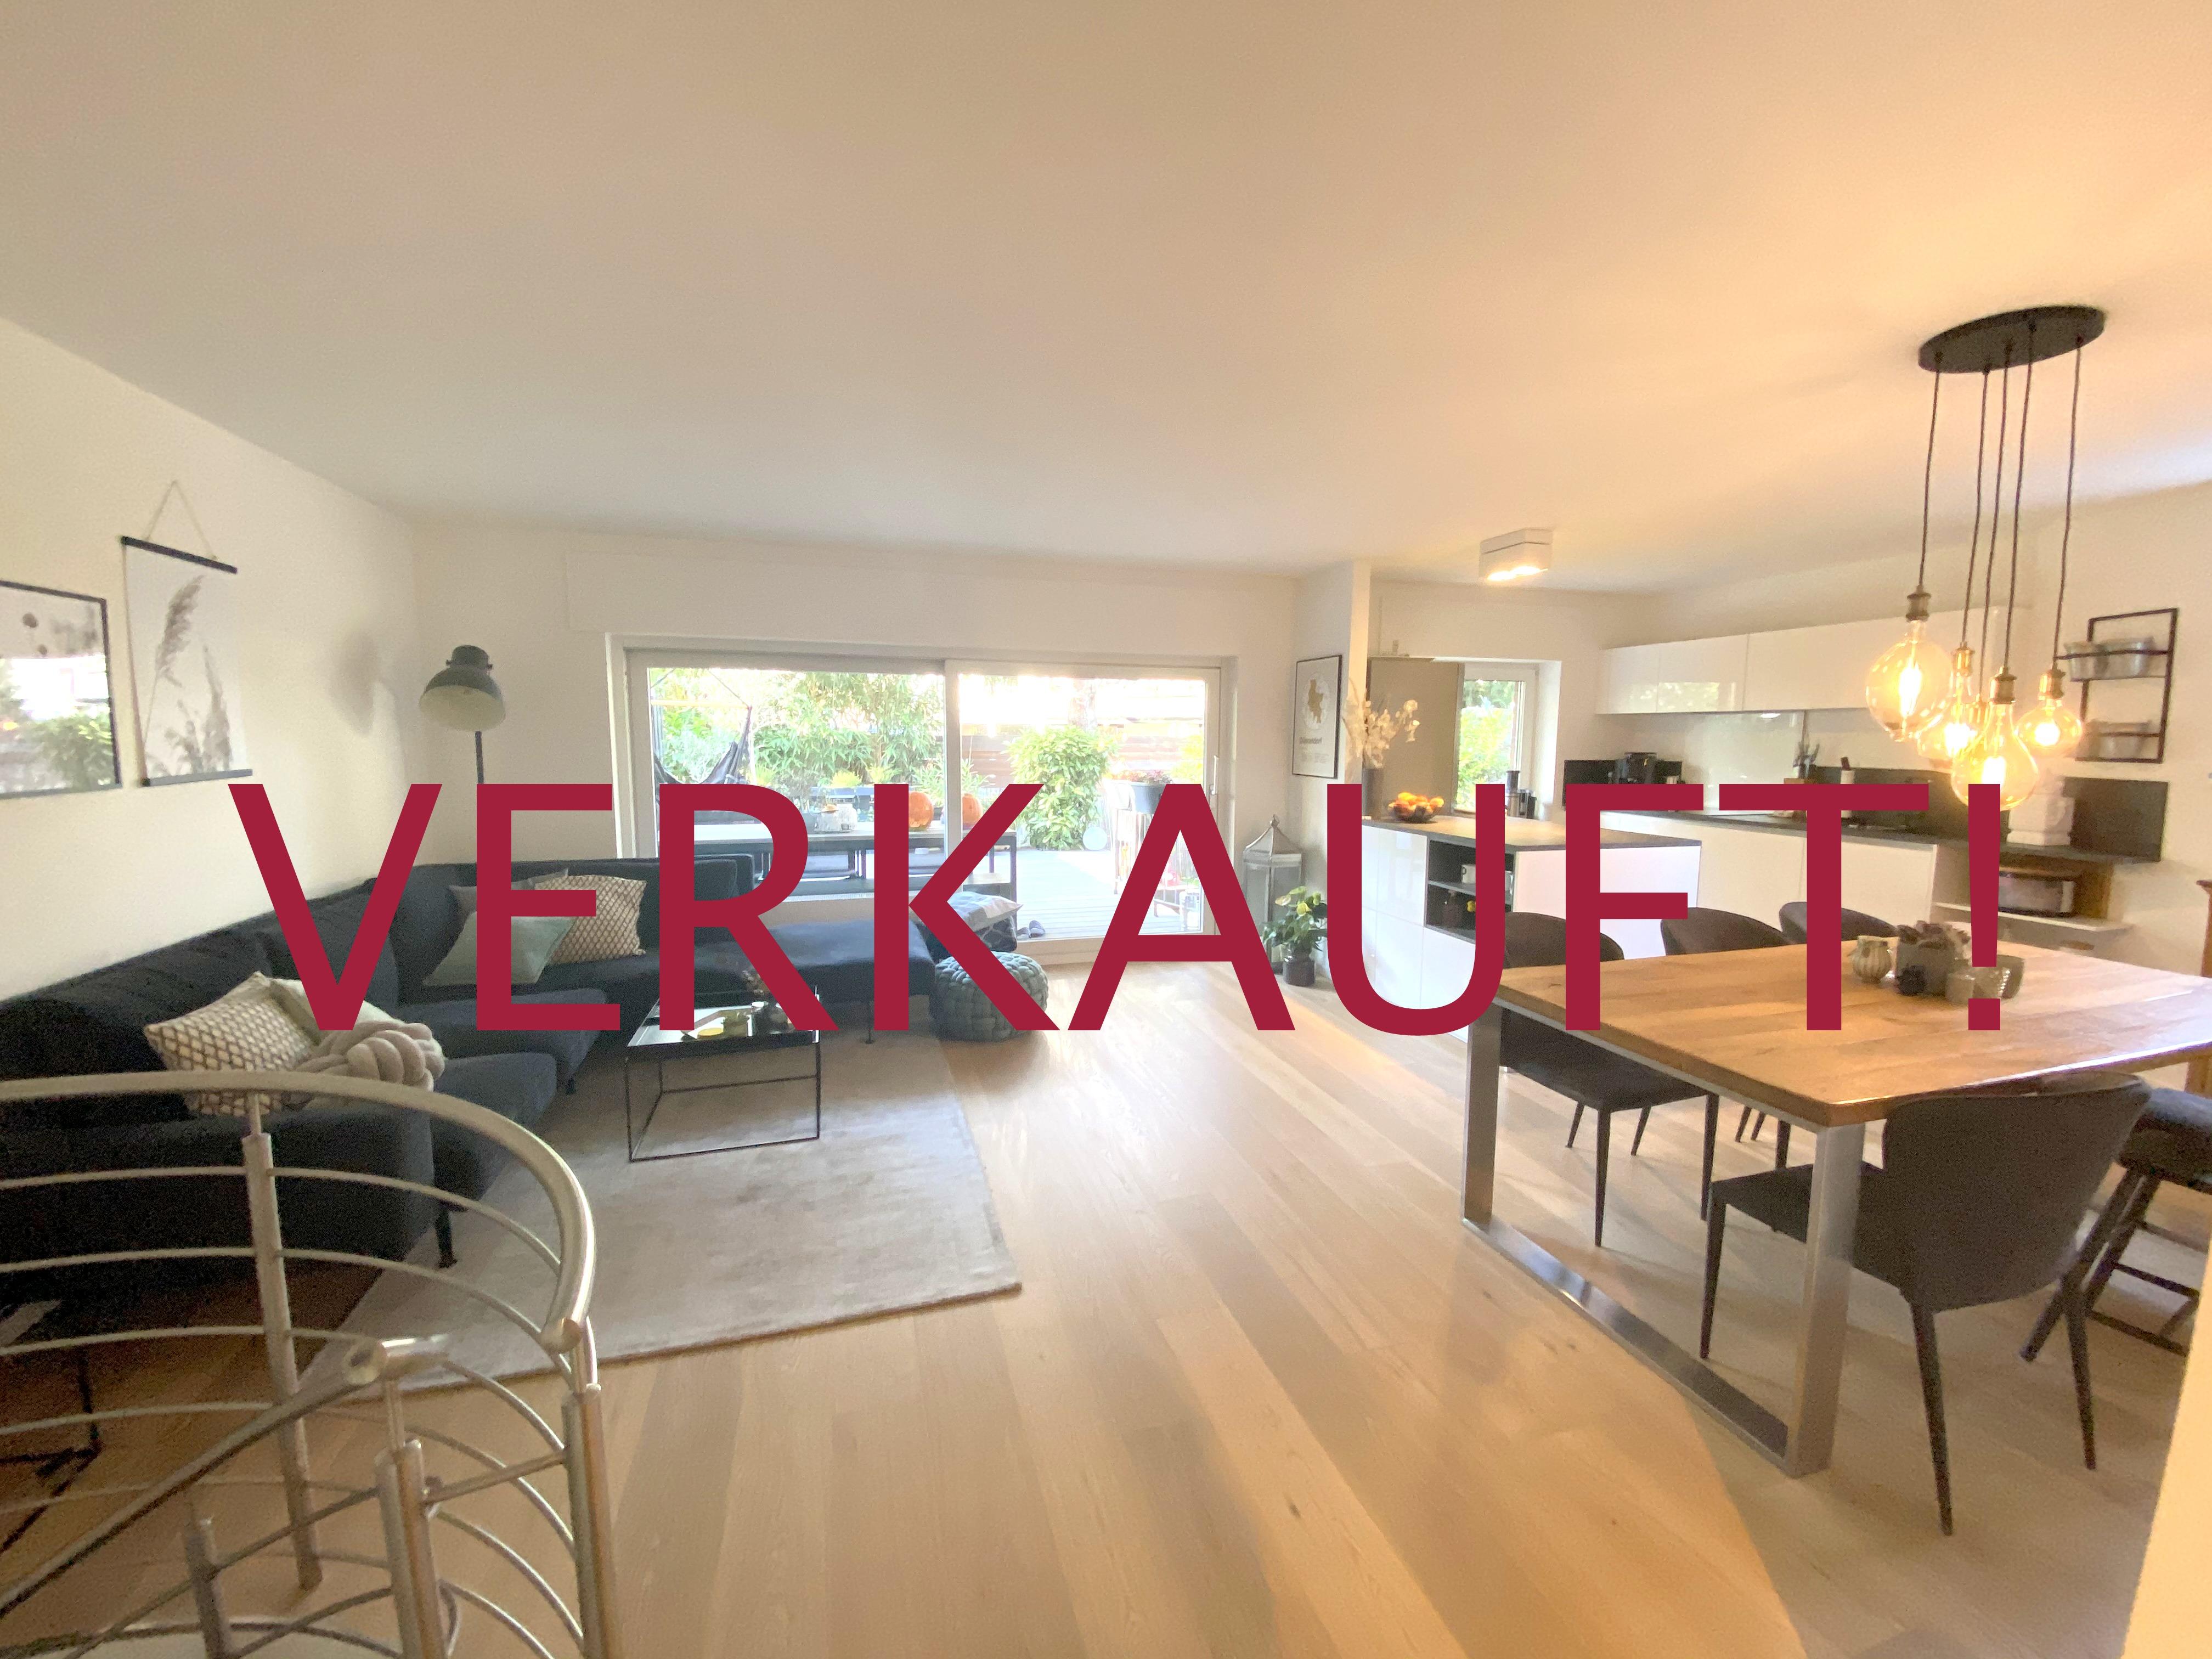 VERKAUFT! Wunderschöne Maisonette-Wohnung mit Terrasse, Garten+Tiefgaragenstellplatz in Lohausen/Grenze Kaiserswerth